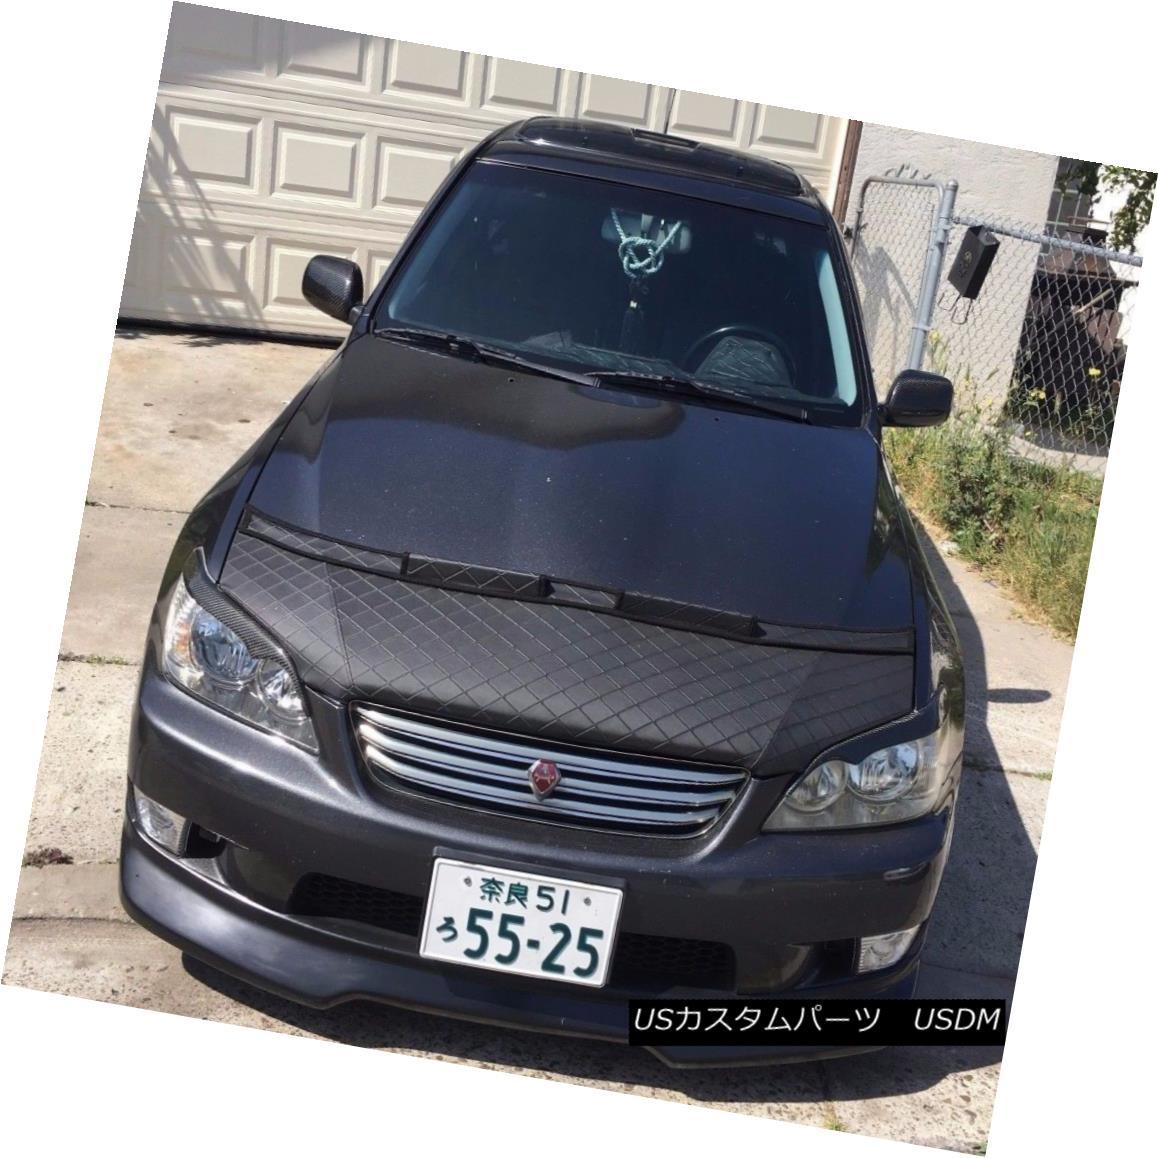 フルブラ ノーズブラ Car Hood Bra In DIAMOND Fits LEXUS IS300 IS200 IS Altezza 99 2000 01 02 03 04 05 カーフードブラジャーDIAMONDフィットLEXUS IS300 IS200 IS Altezza 99 2000 01 02 03 04 05